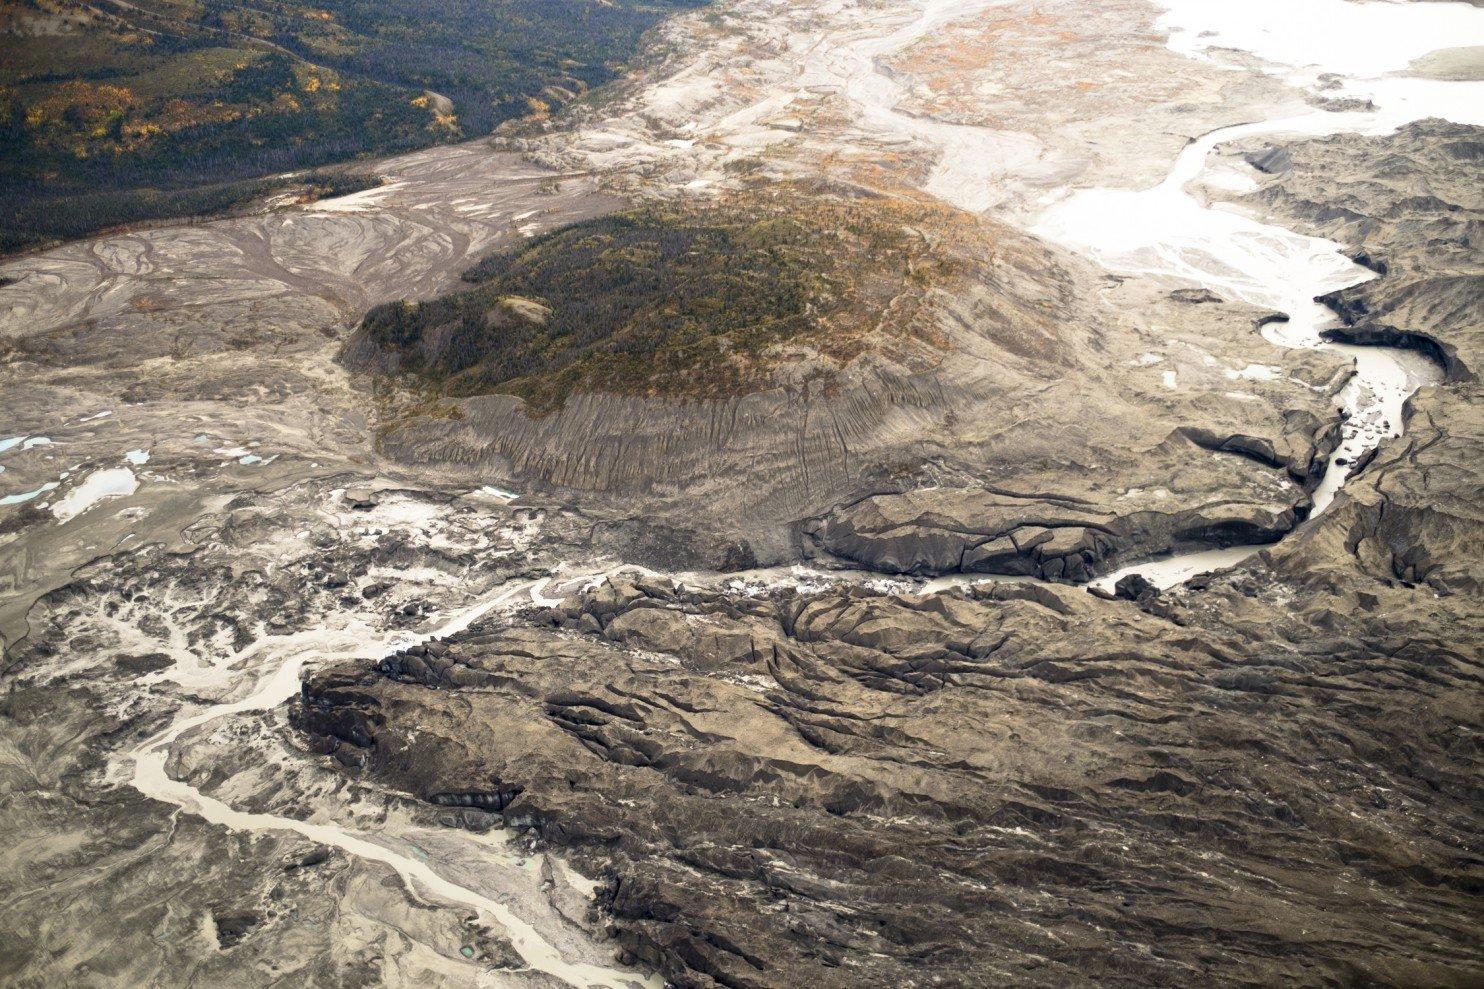 Ученые в Канаде зафиксировали изменение течения крупной реки из-за климатических изменений - 3